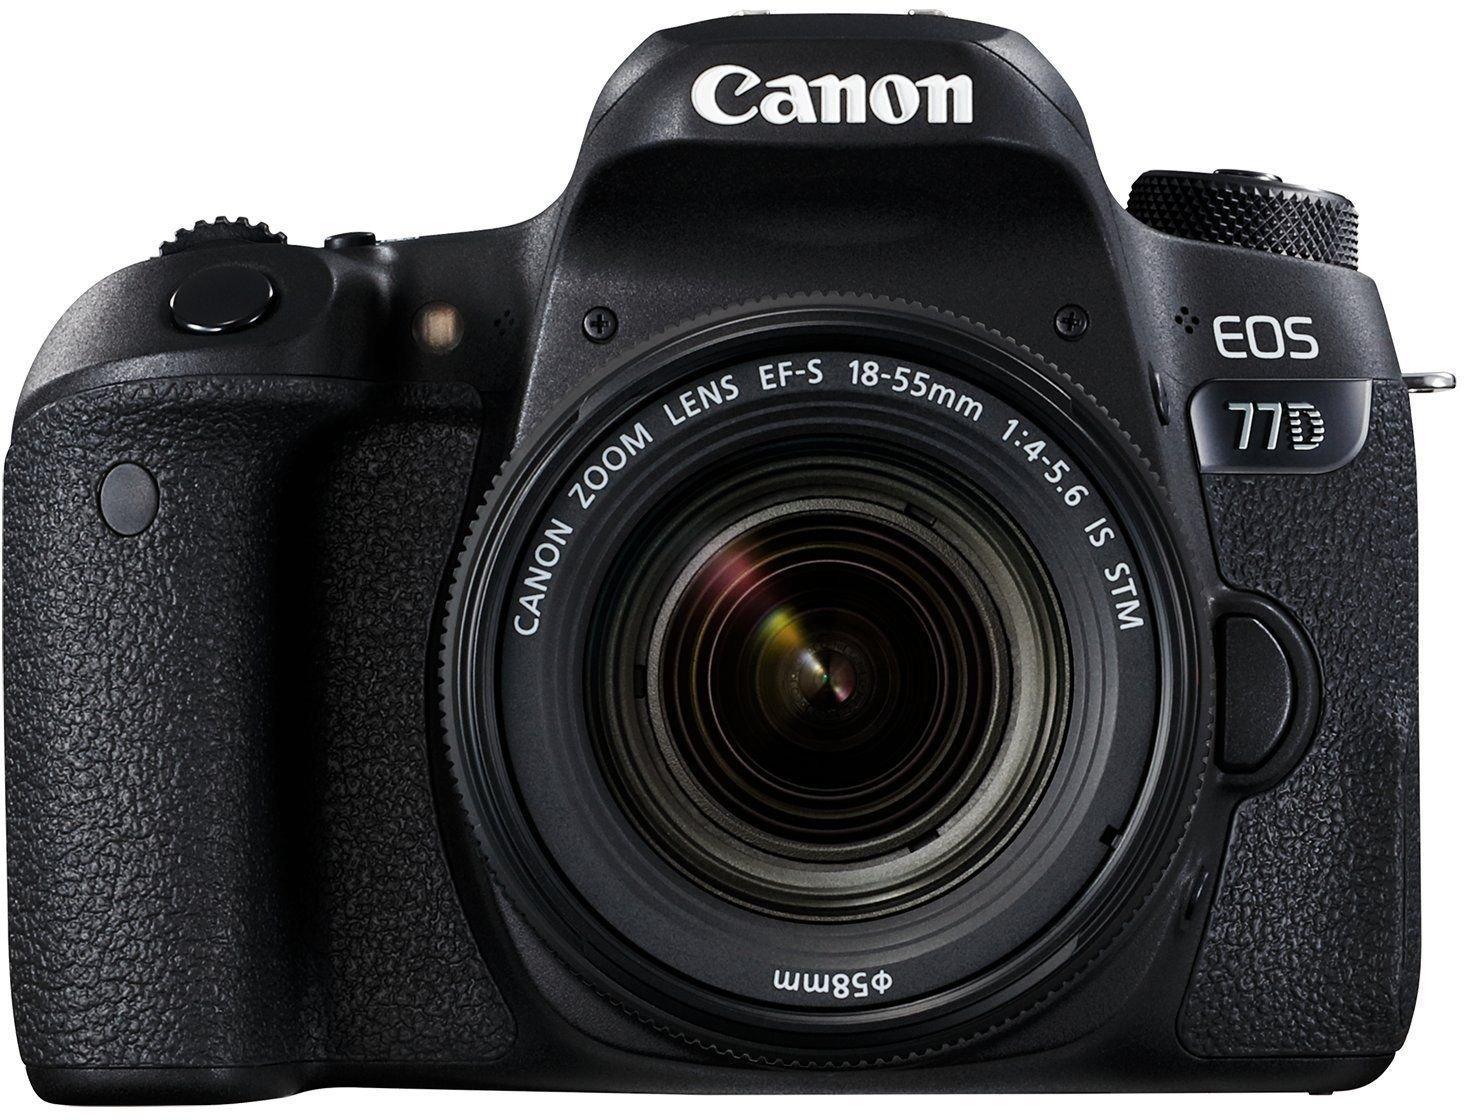 Canon EOS 77D Best DSLR Camera under 1 lakh